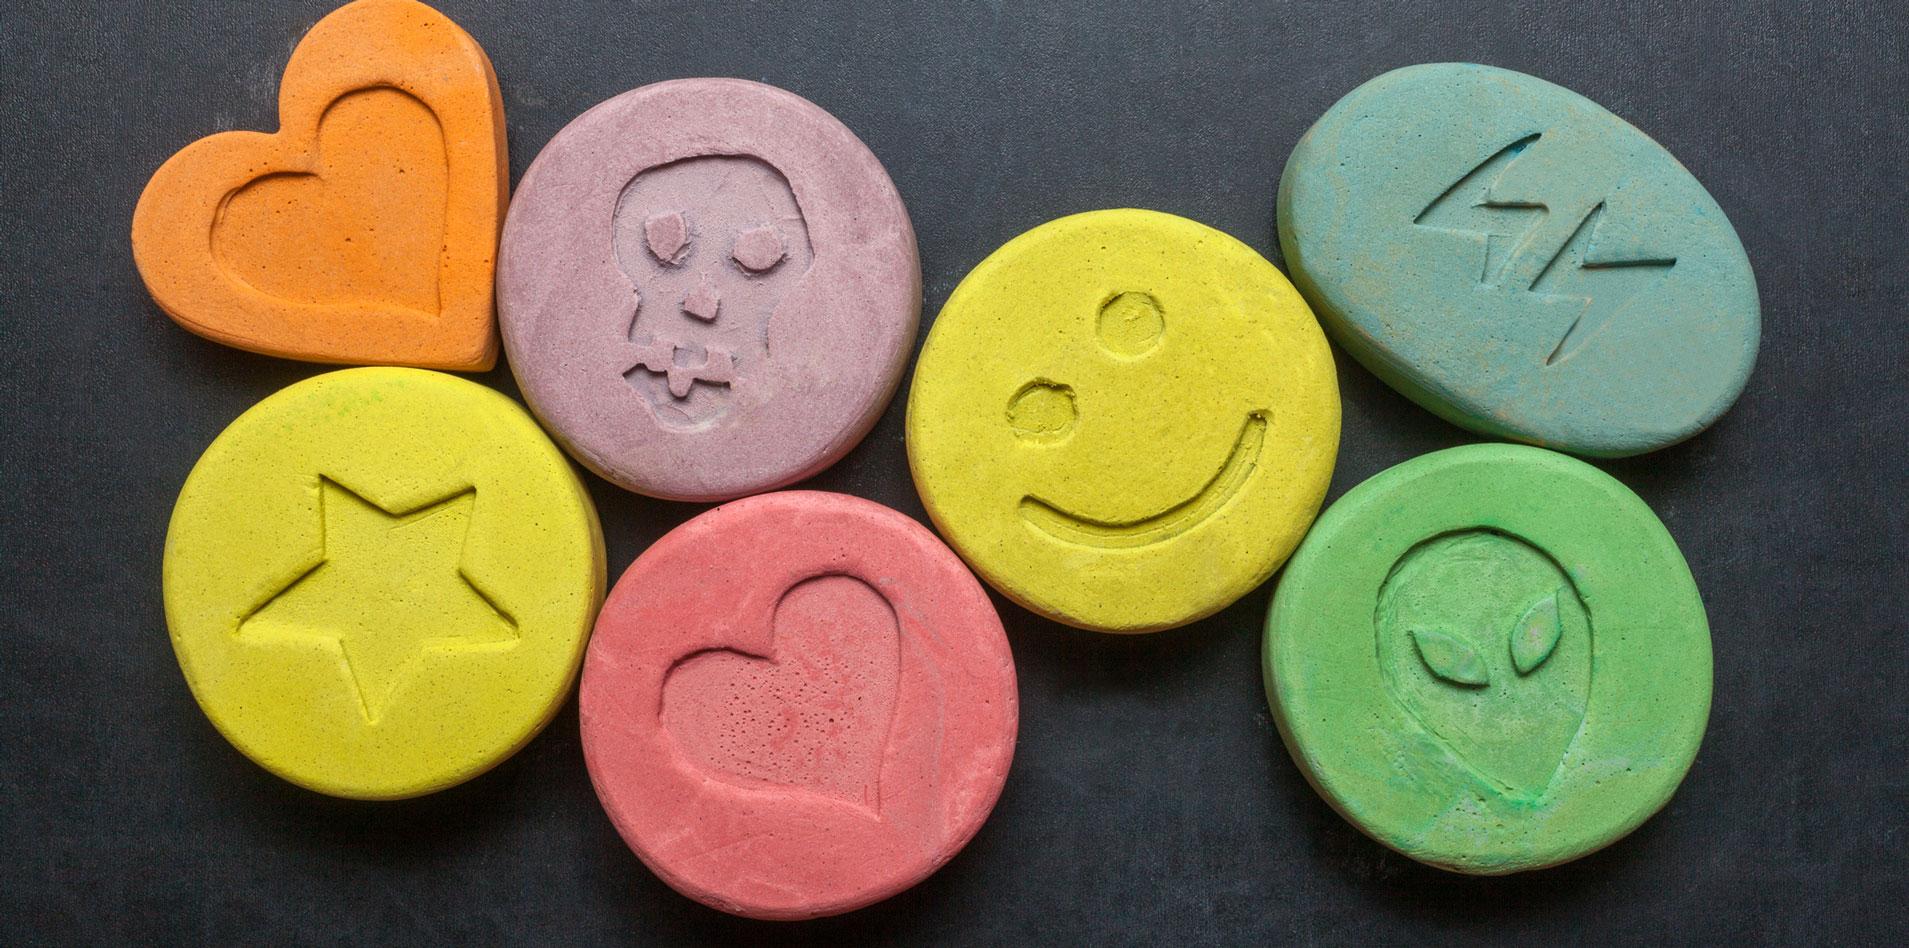 Consumir MDMA contribuye a la destrucción del medio ambiente